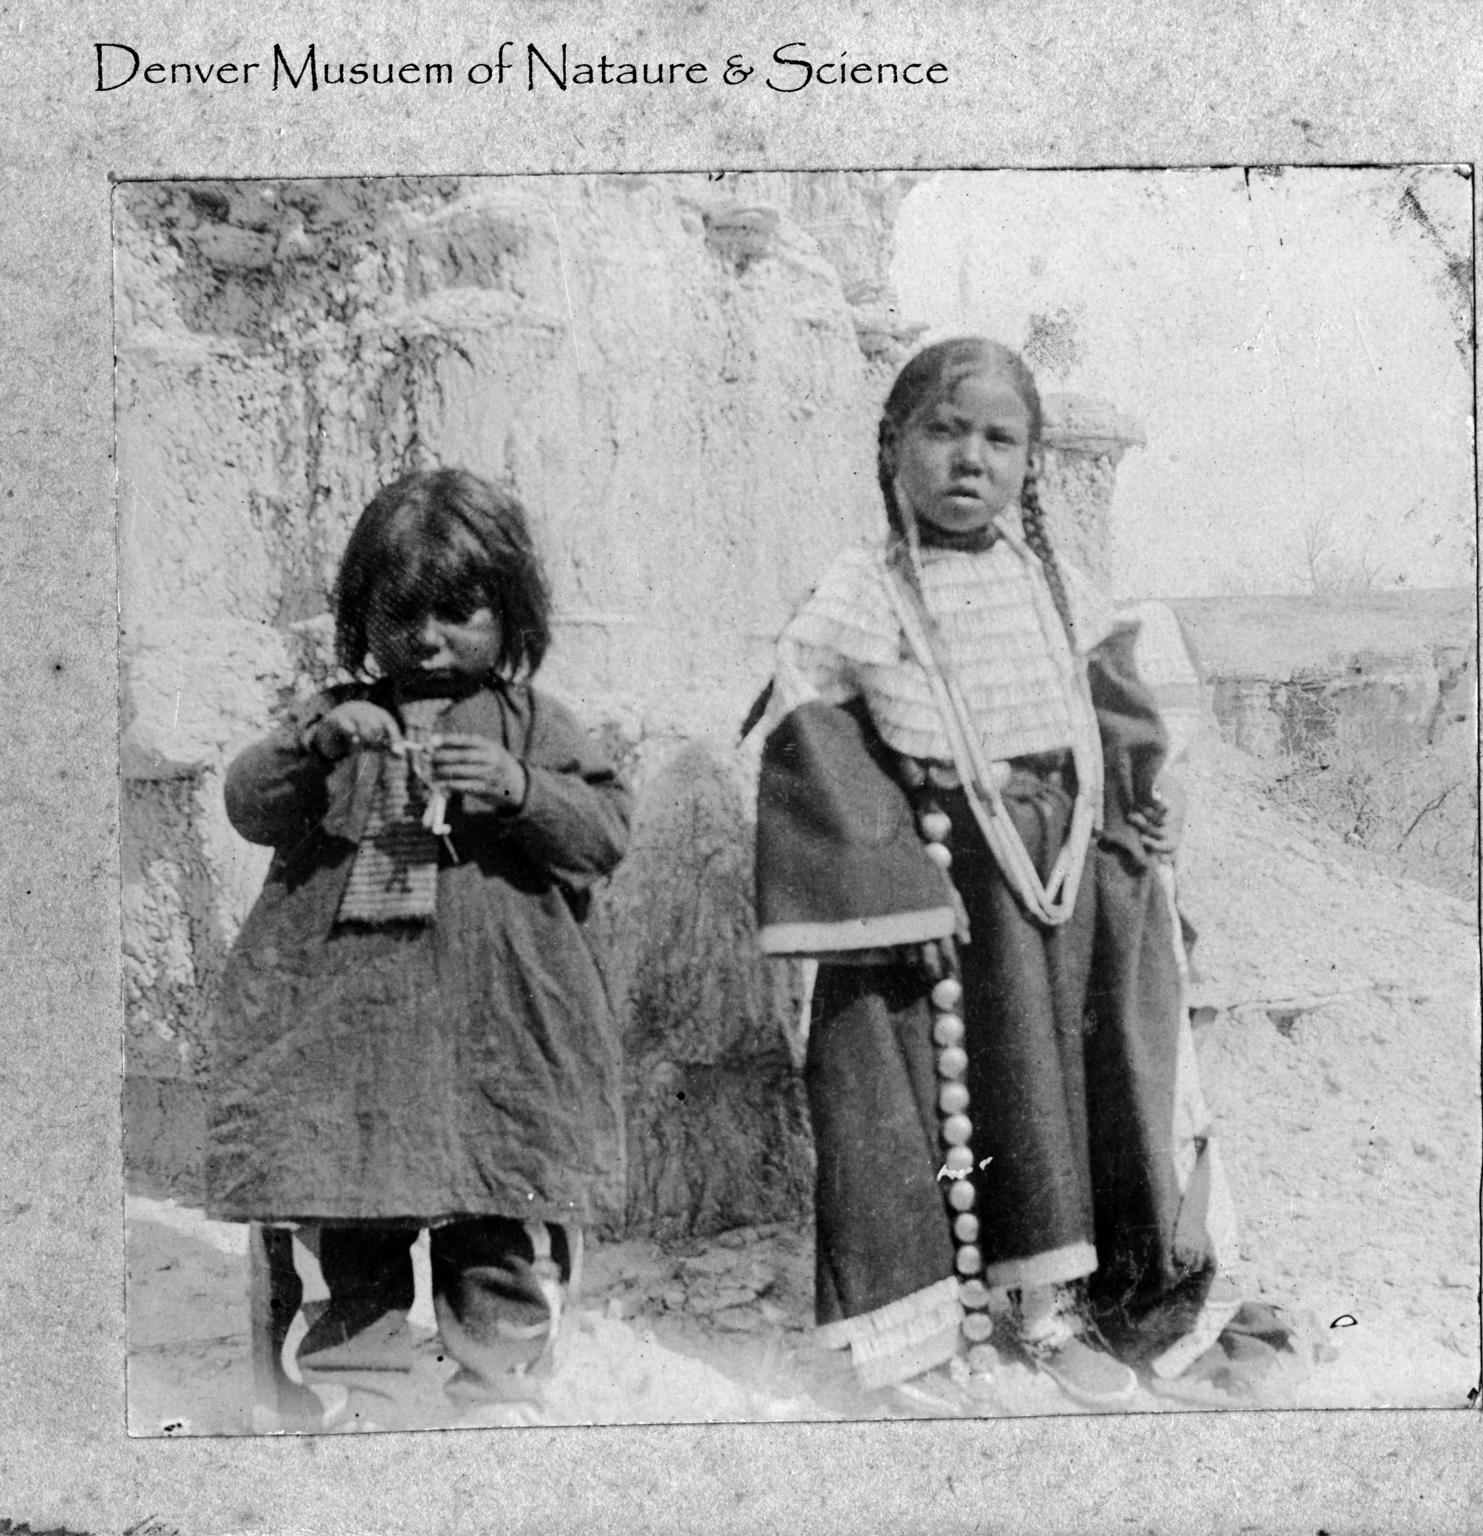 Sioux children